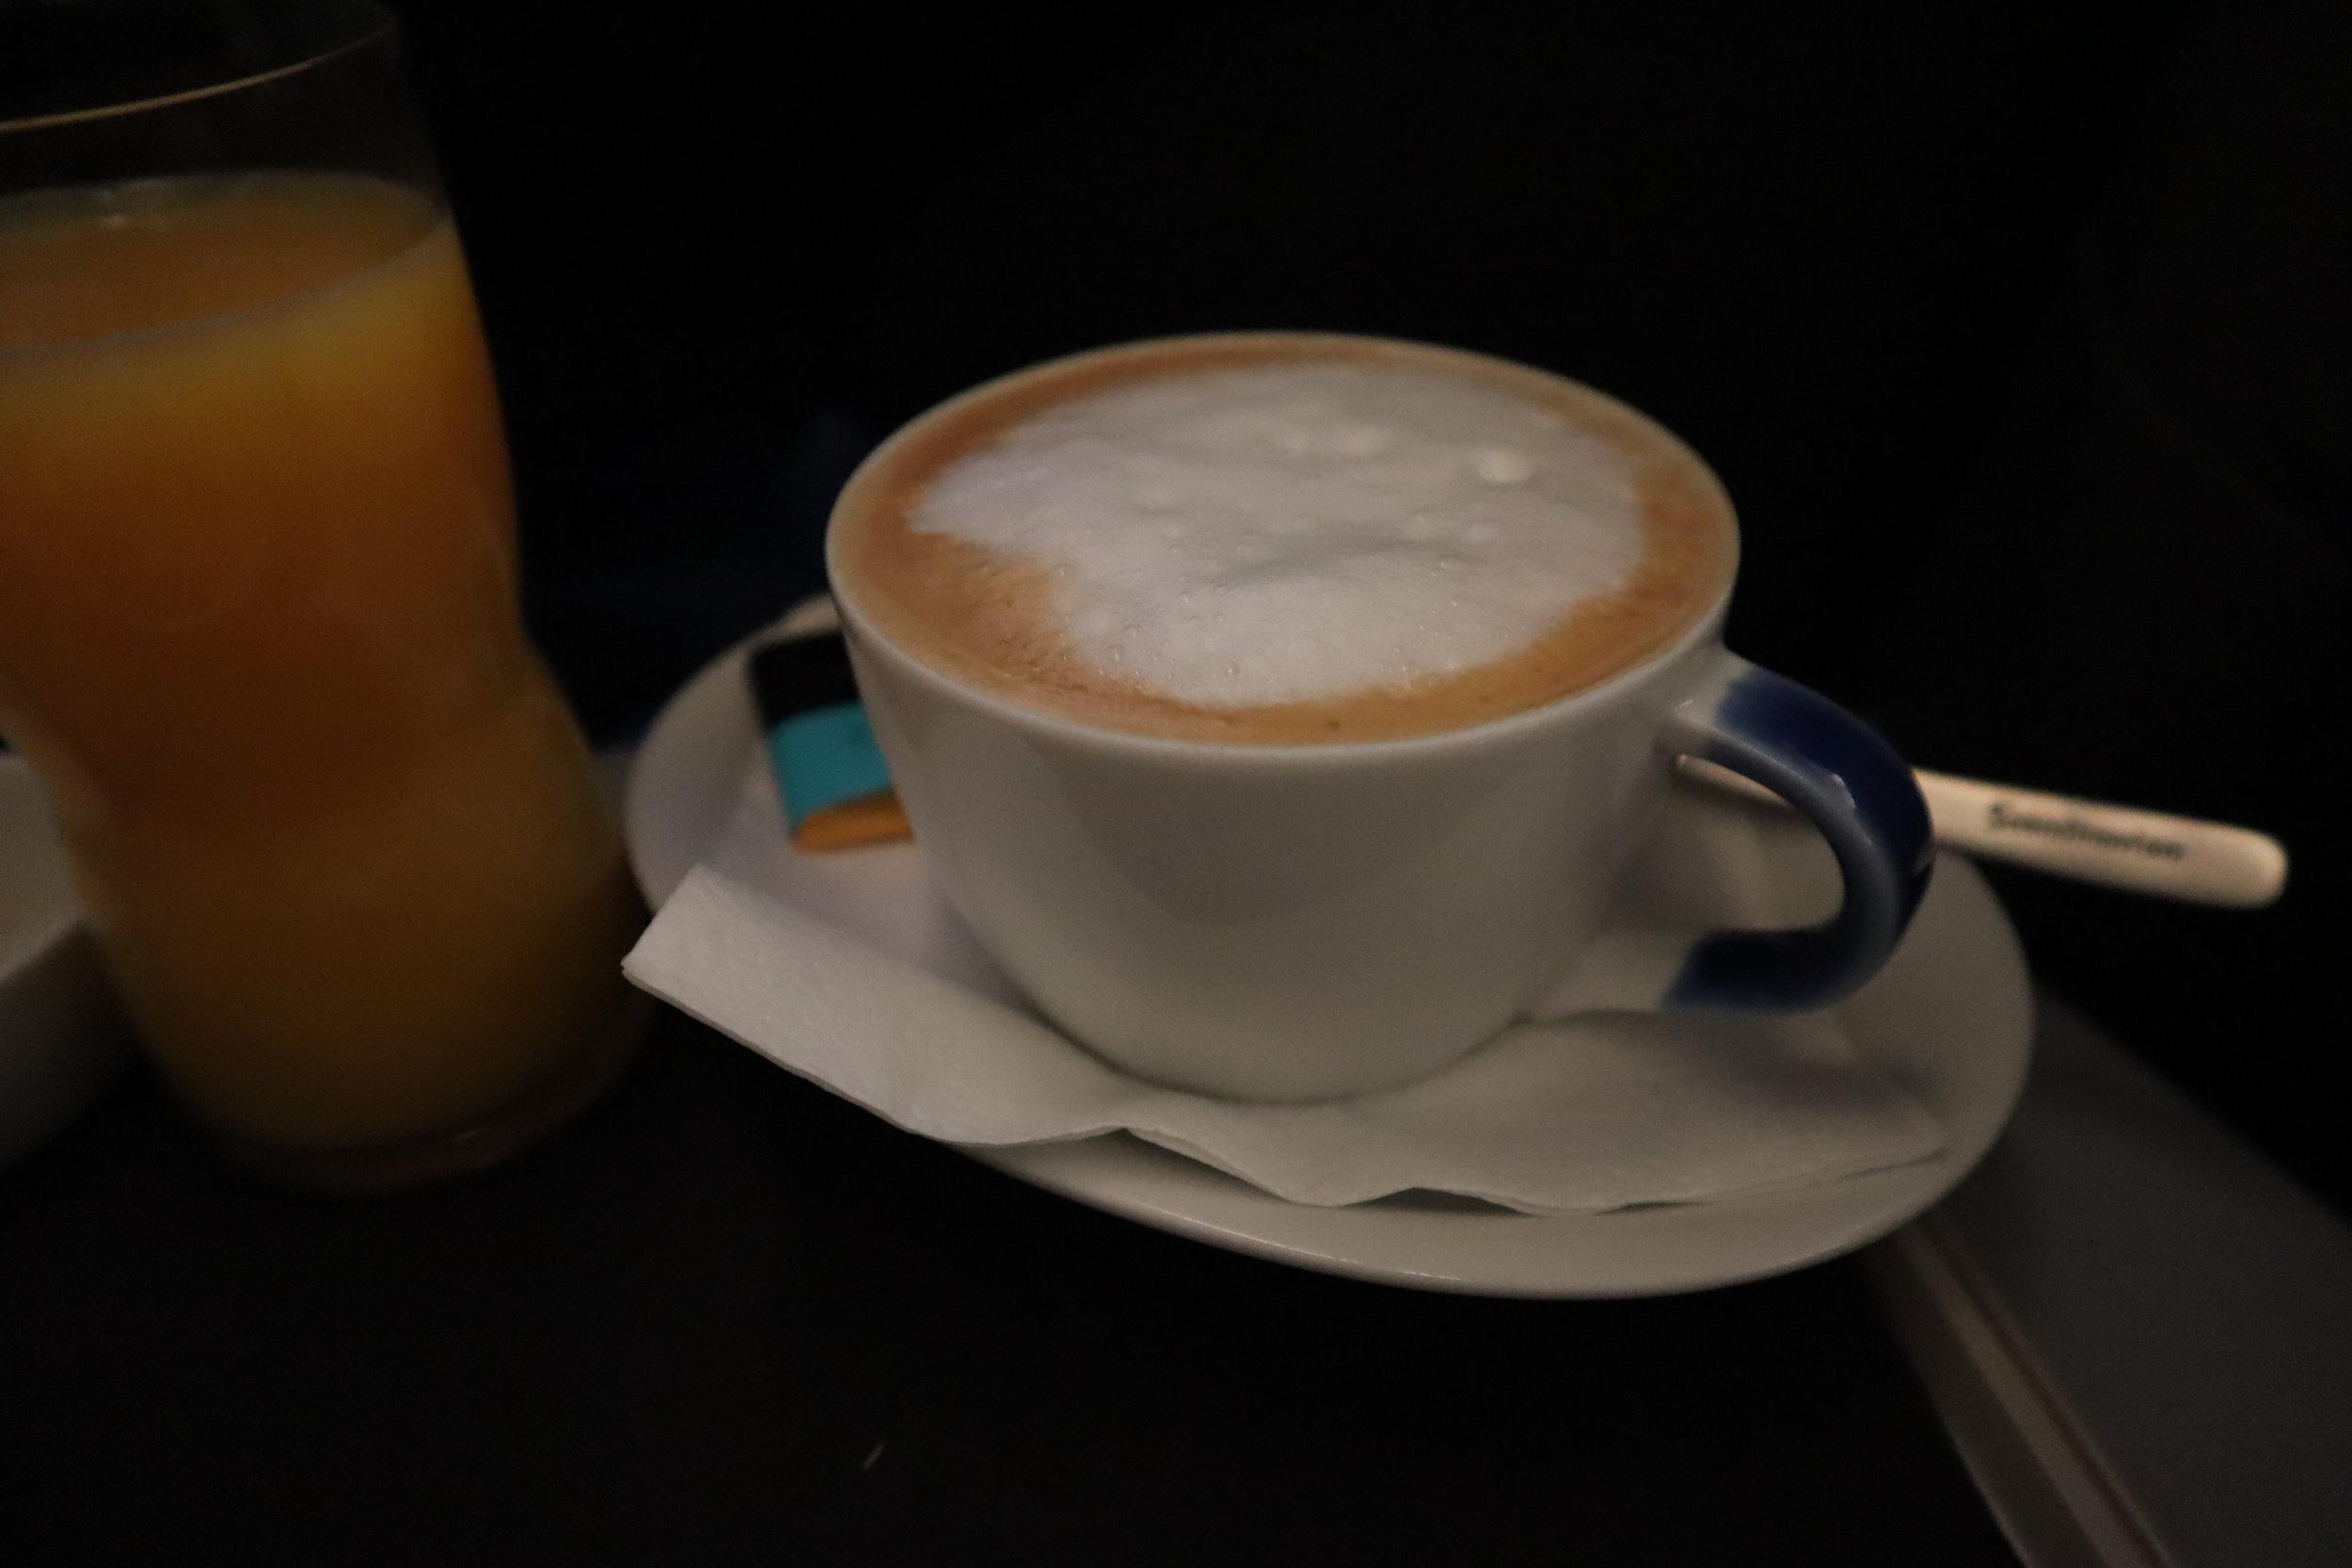 SAS business class – Cappuccino